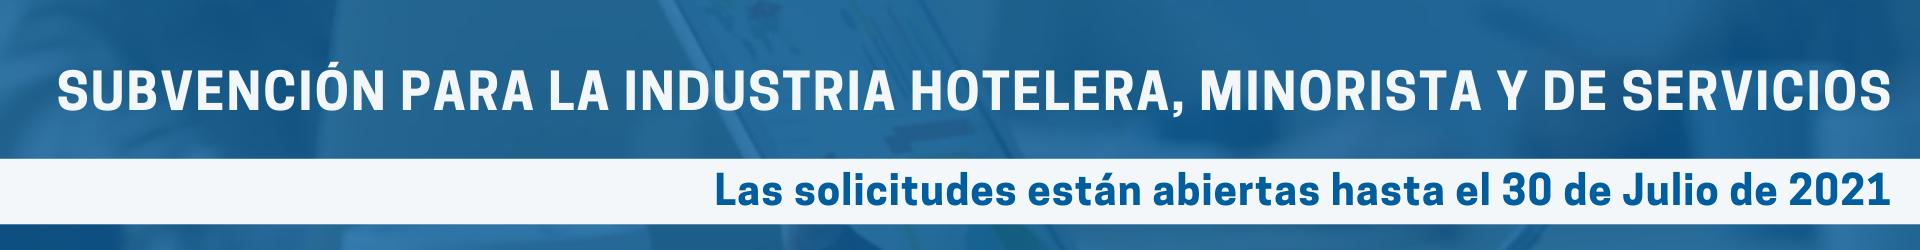 hospitalityretailservicegrant_webbanner-espanol.png